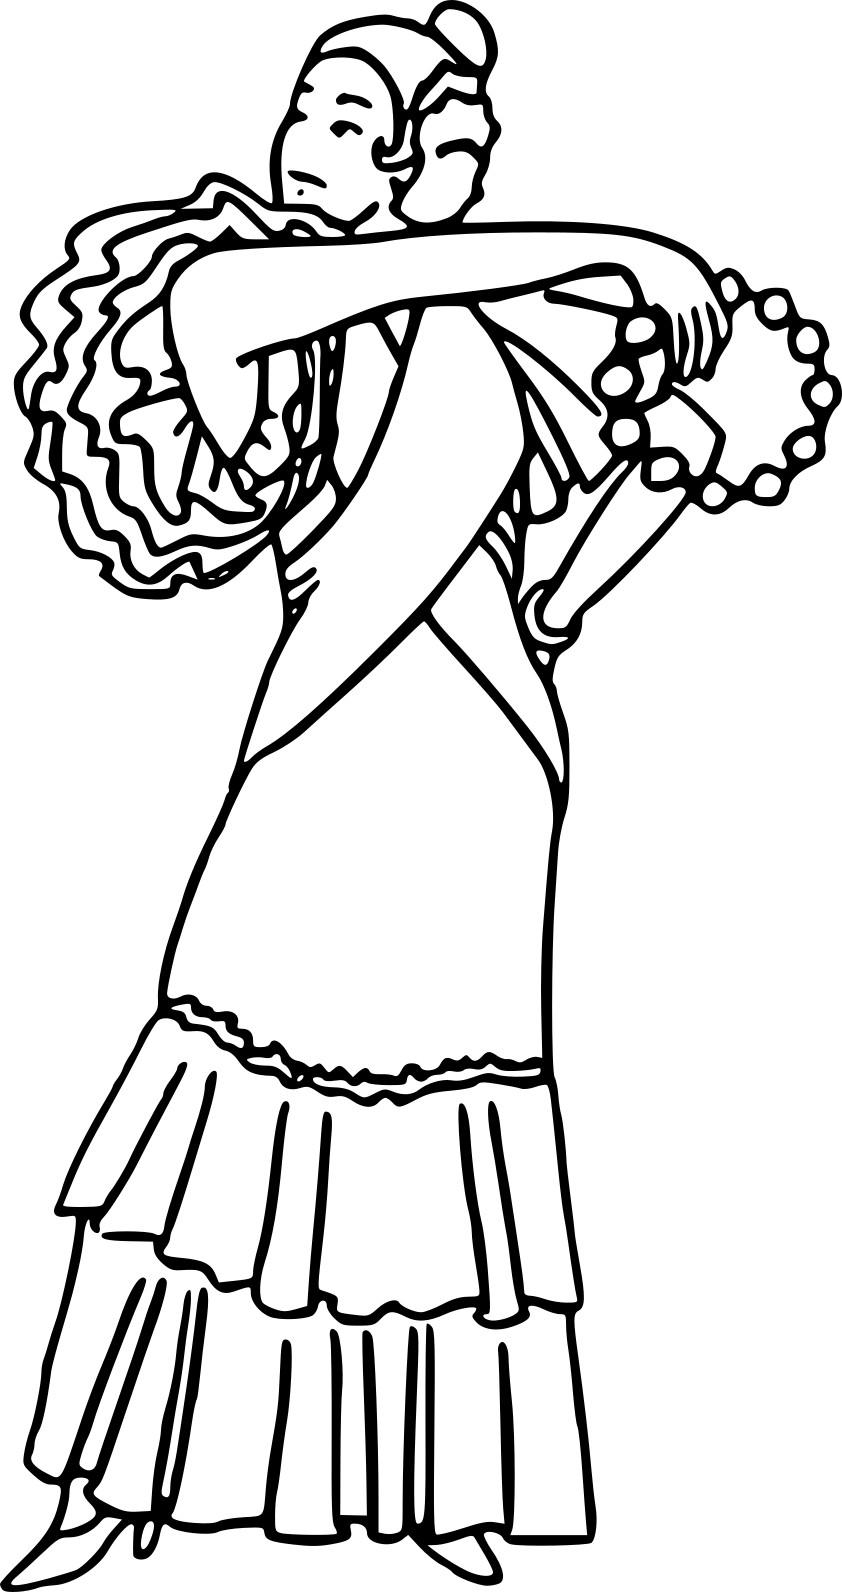 Coloriage Danse De Flamenco À Imprimer Sur Coloriages encequiconcerne Coloriage Danseuse A Imprimer Gratuit